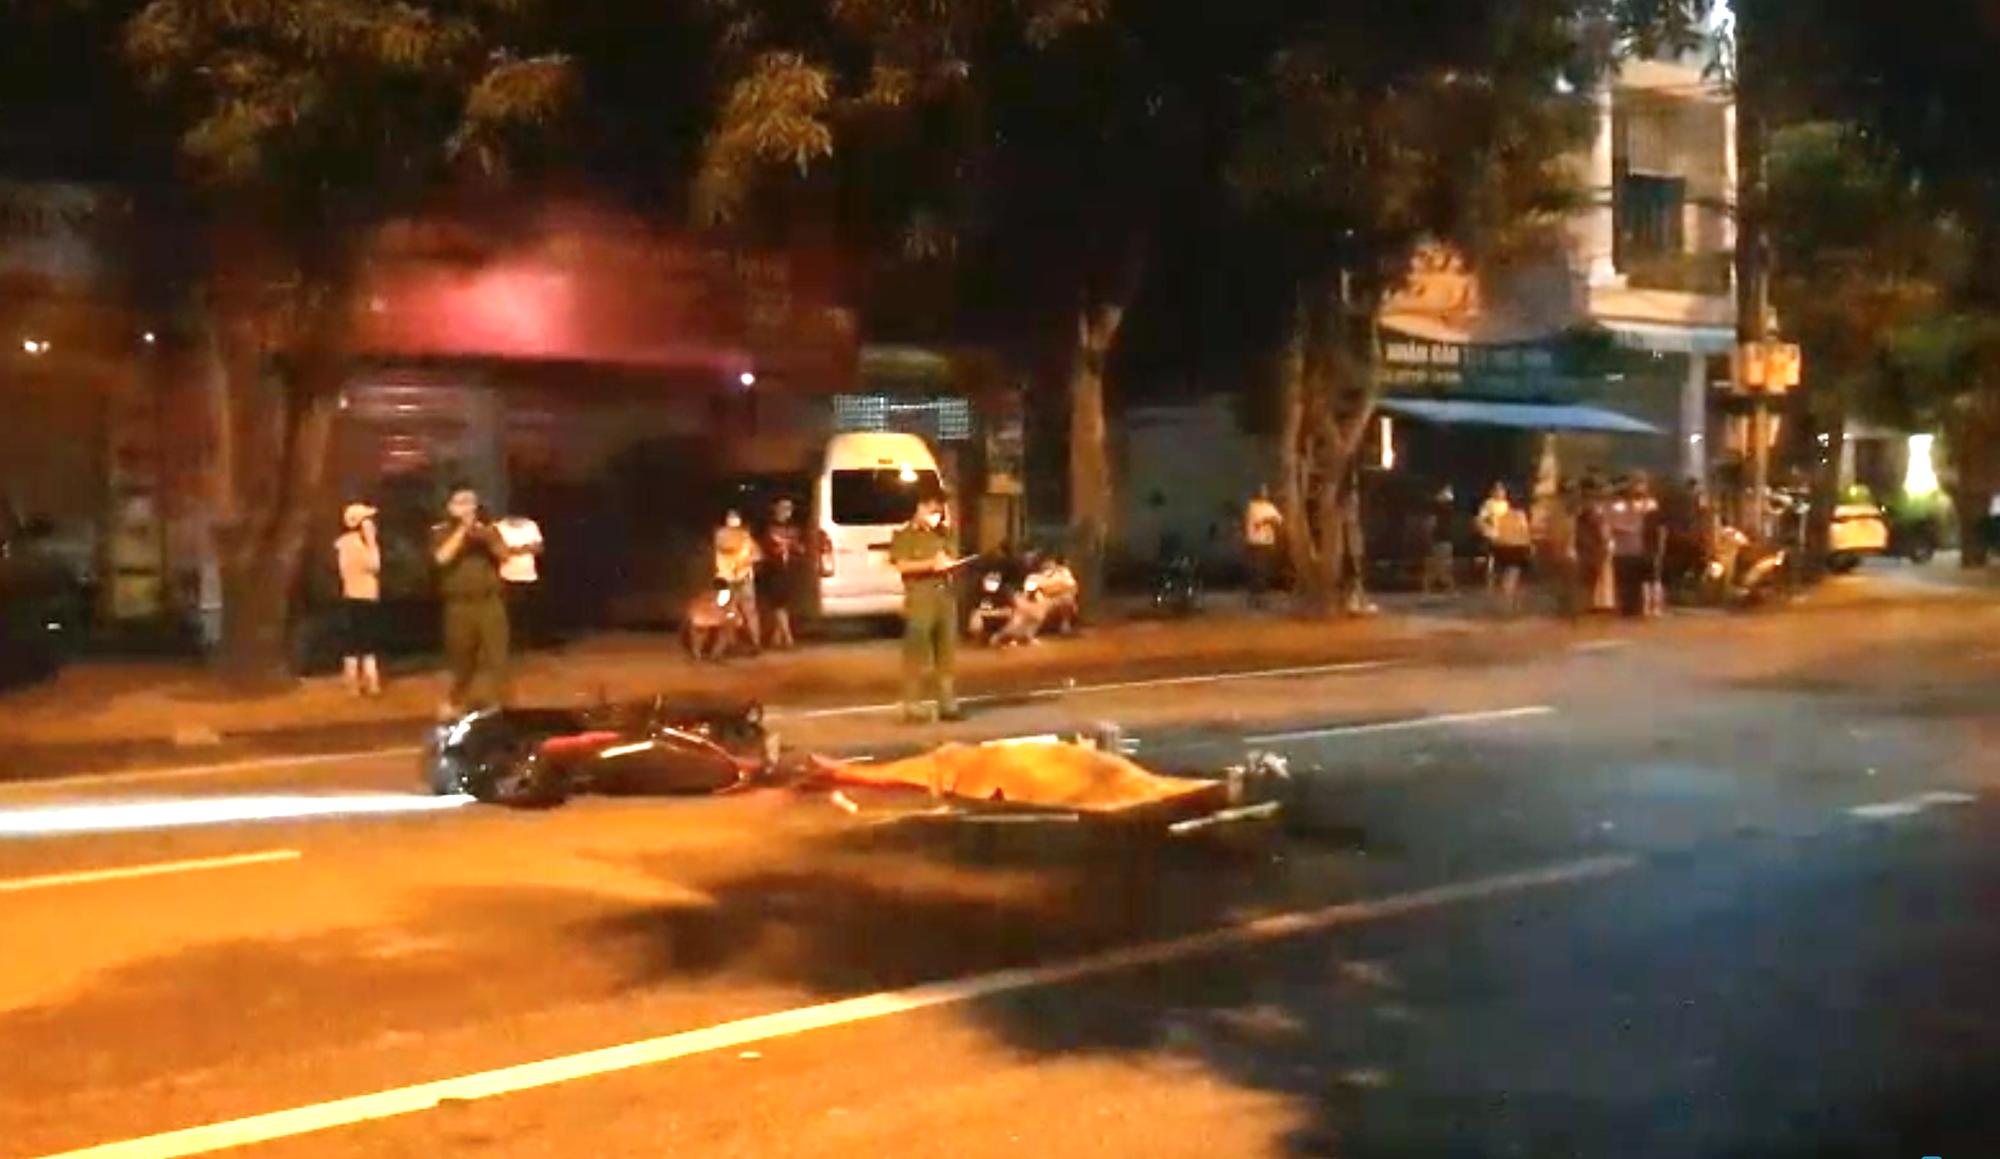 Nghệ An: Truy tìm xe ô tô bỏ trốn sau khi đâm nam thanh niên đi xe máy tử vong trong đêm mưa  - Ảnh 1.